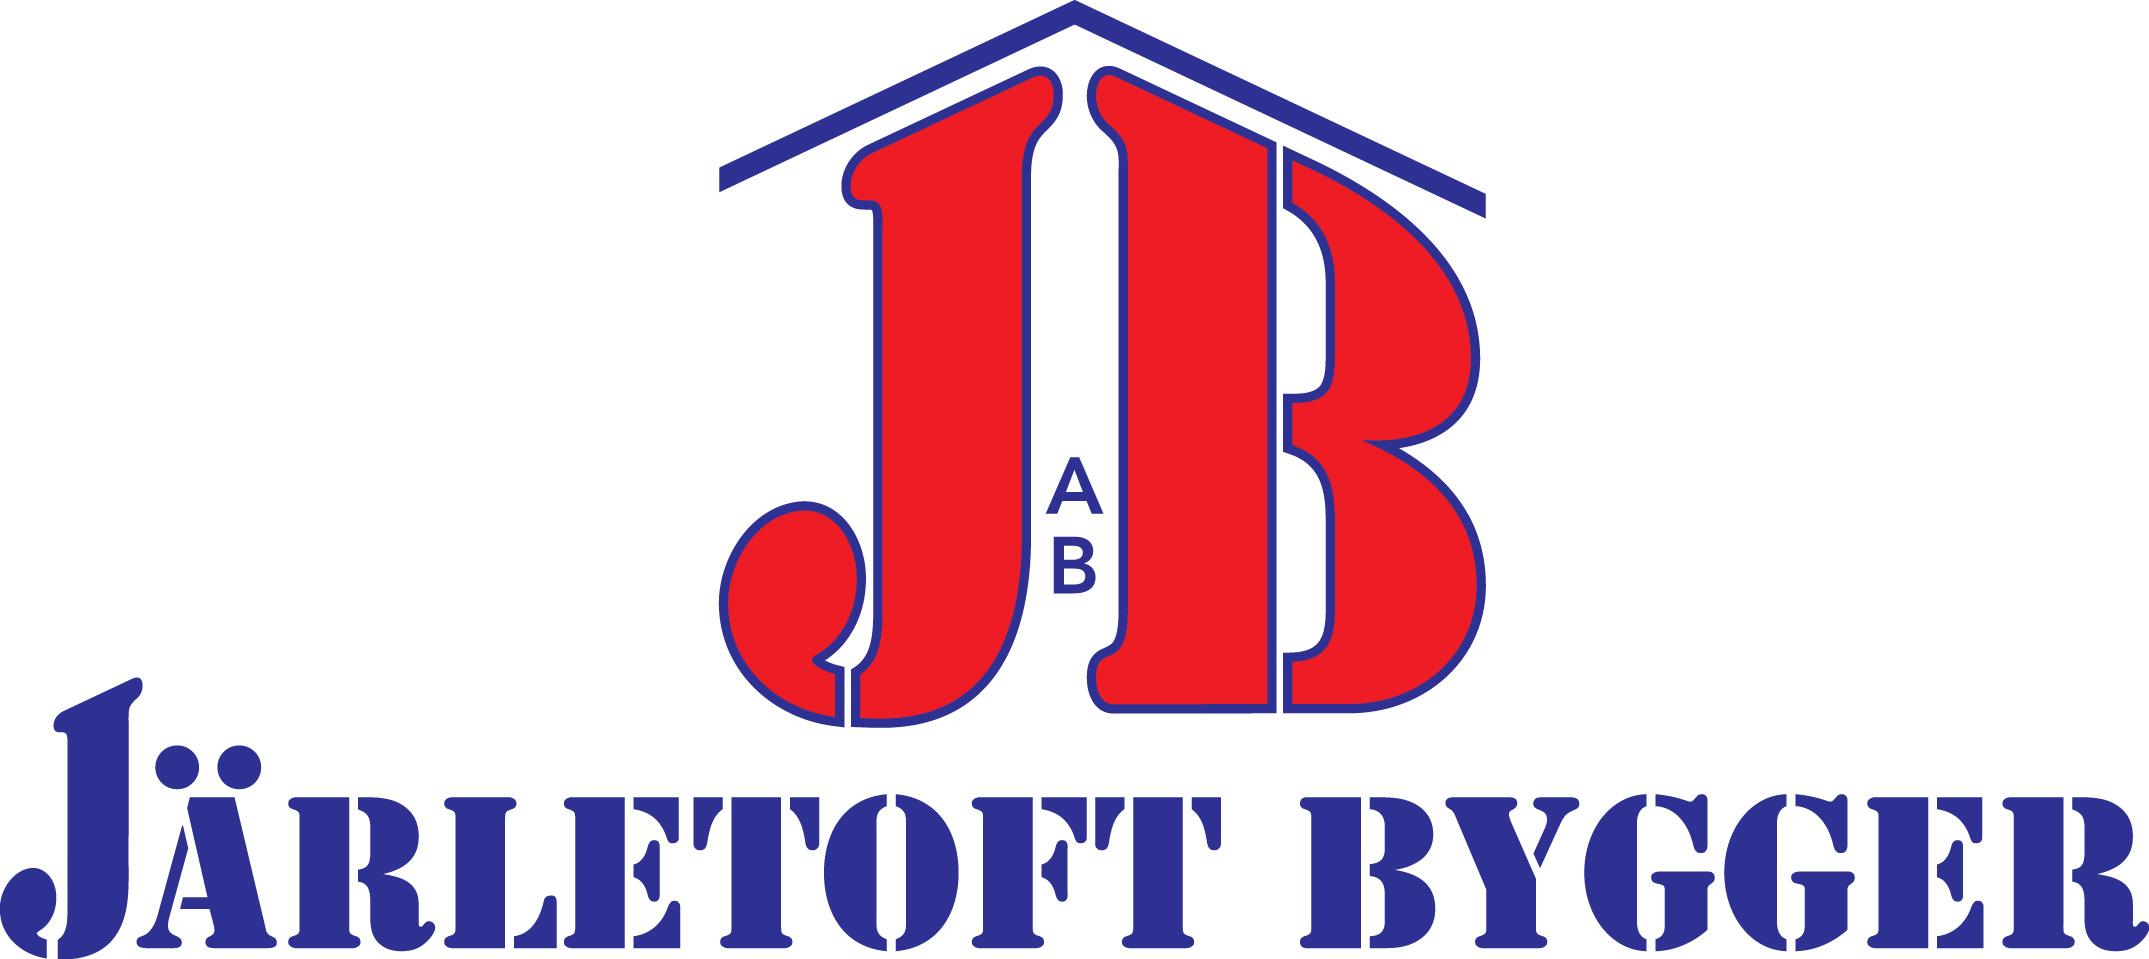 AB Järletoft Bygger